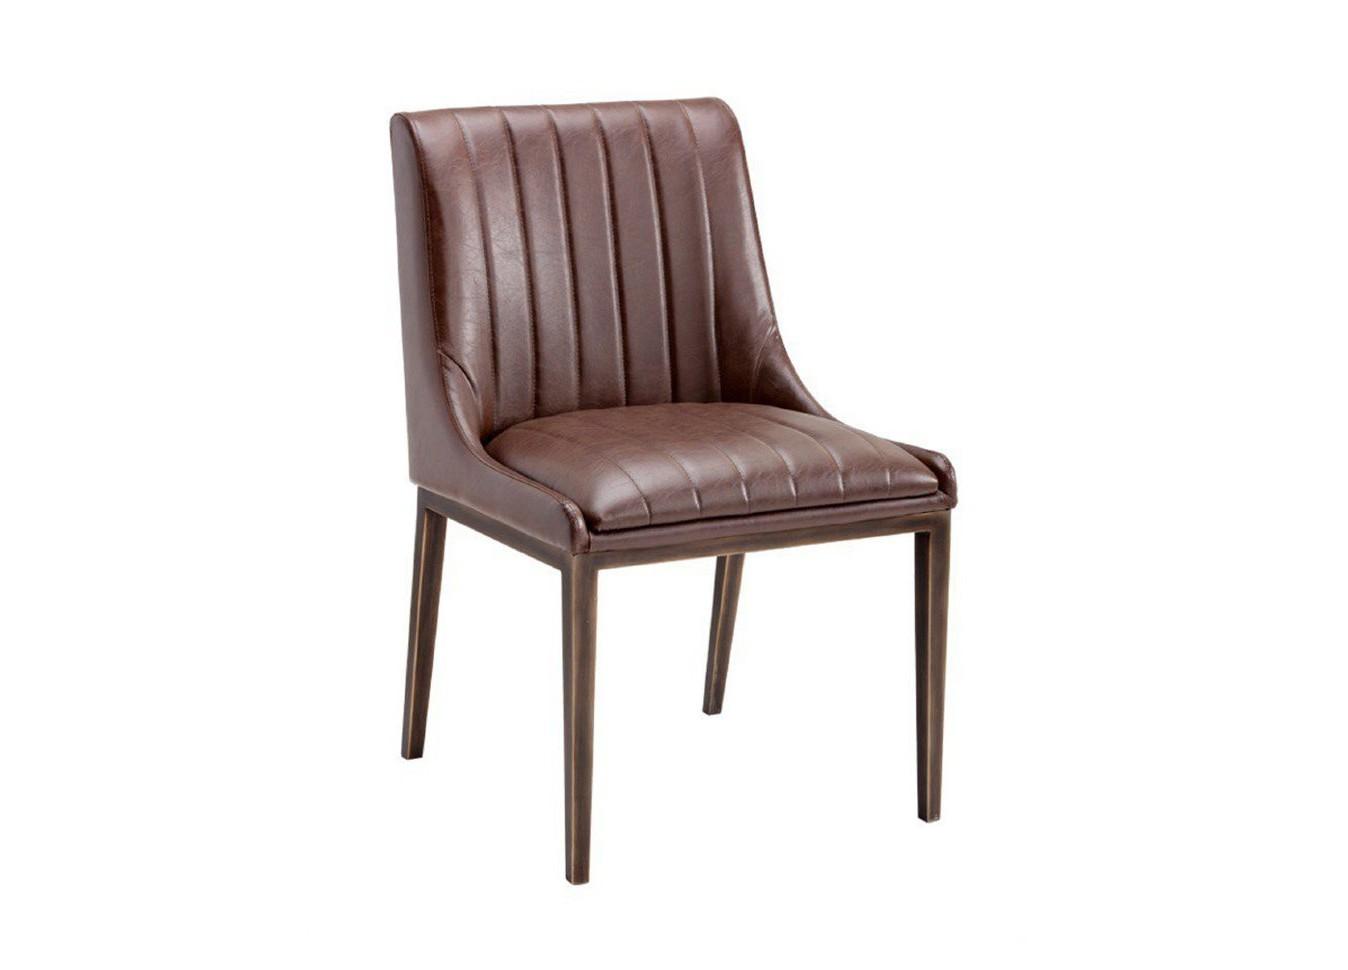 Стул Boston CoastОбеденные стулья<br>Модель представлена в коже высочайшего качества. Для этого стула мы также можем подобрать кожу на Ваш вкус из других коллекций. Каркас и ножки кресла выполнены из дуба.